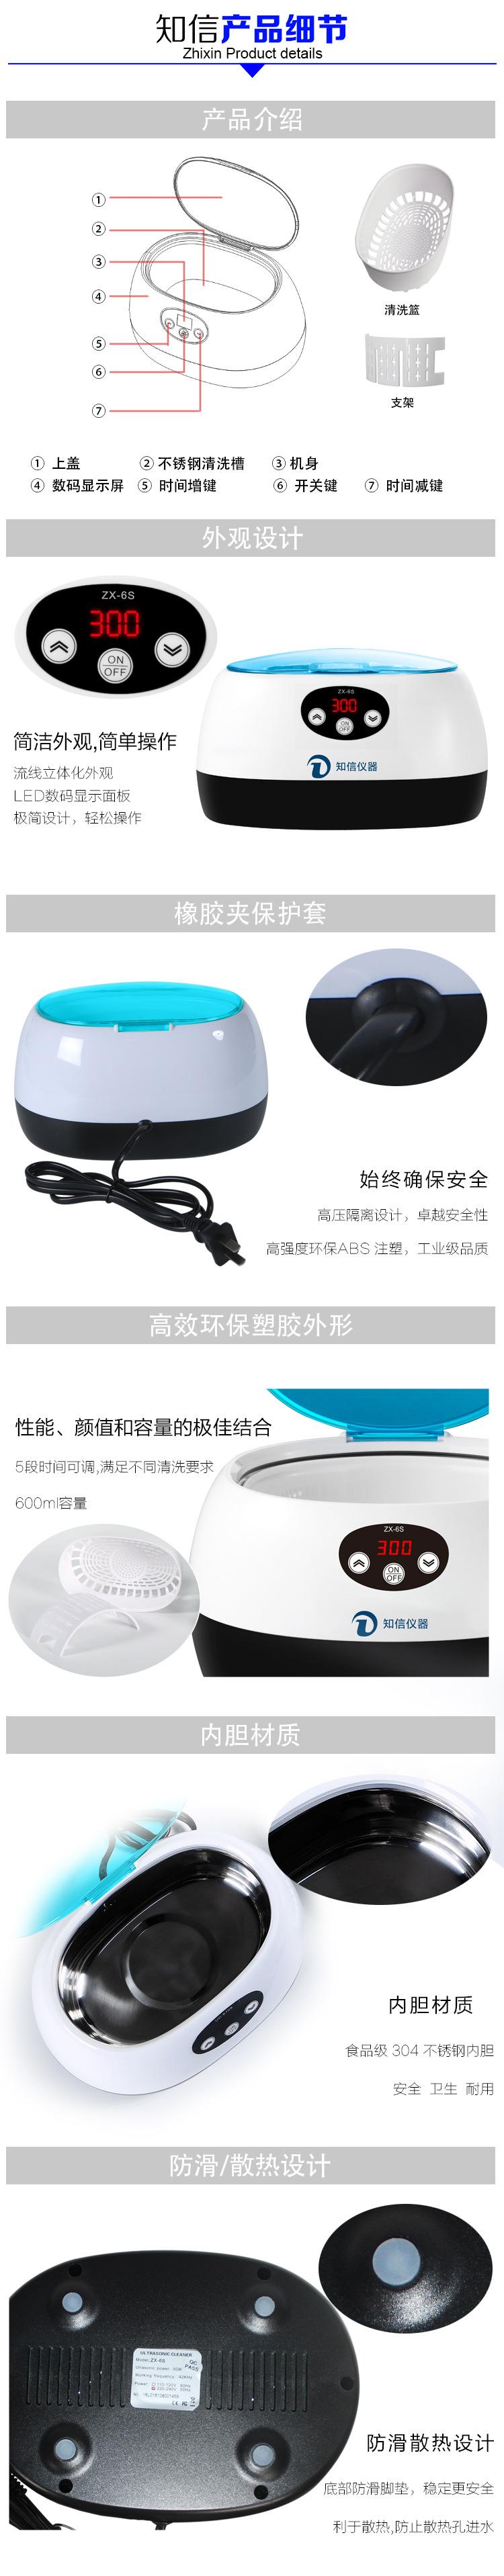 上海知信ZX-6S小型超声波清洗机 眼镜首饰迷你家用超声波清洗仪器示例图5